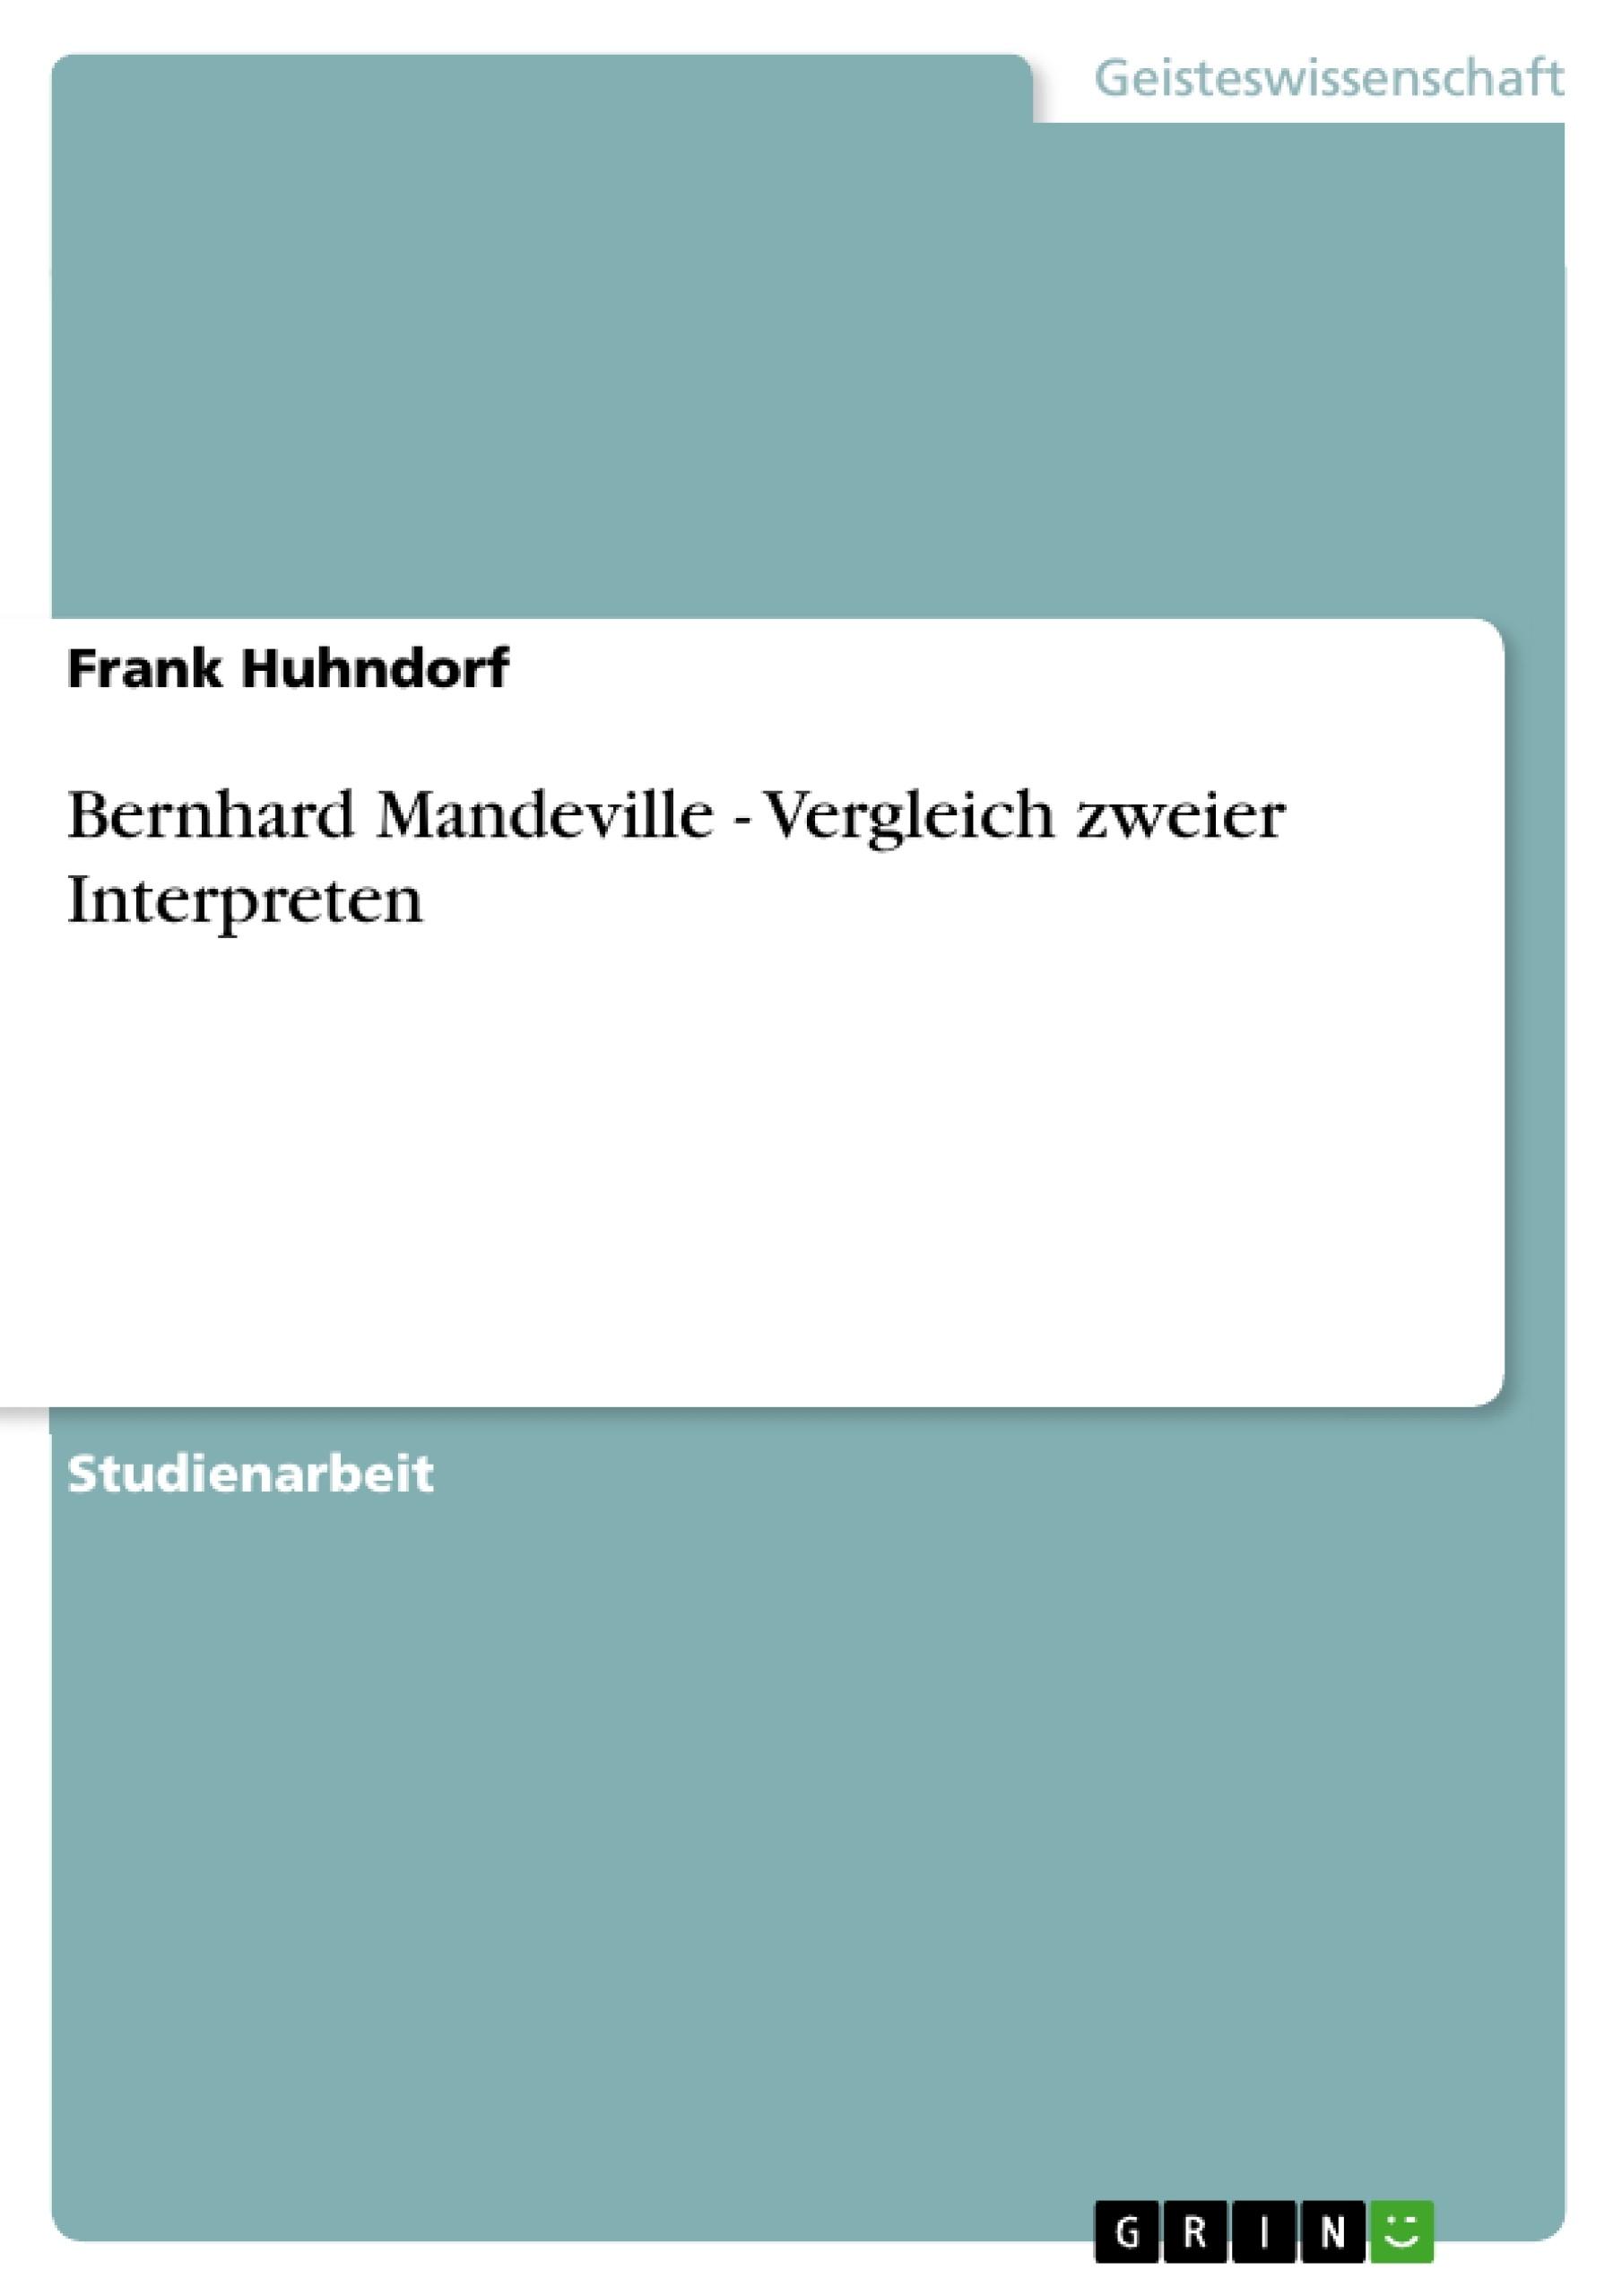 Titel: Bernhard Mandeville - Vergleich zweier Interpreten